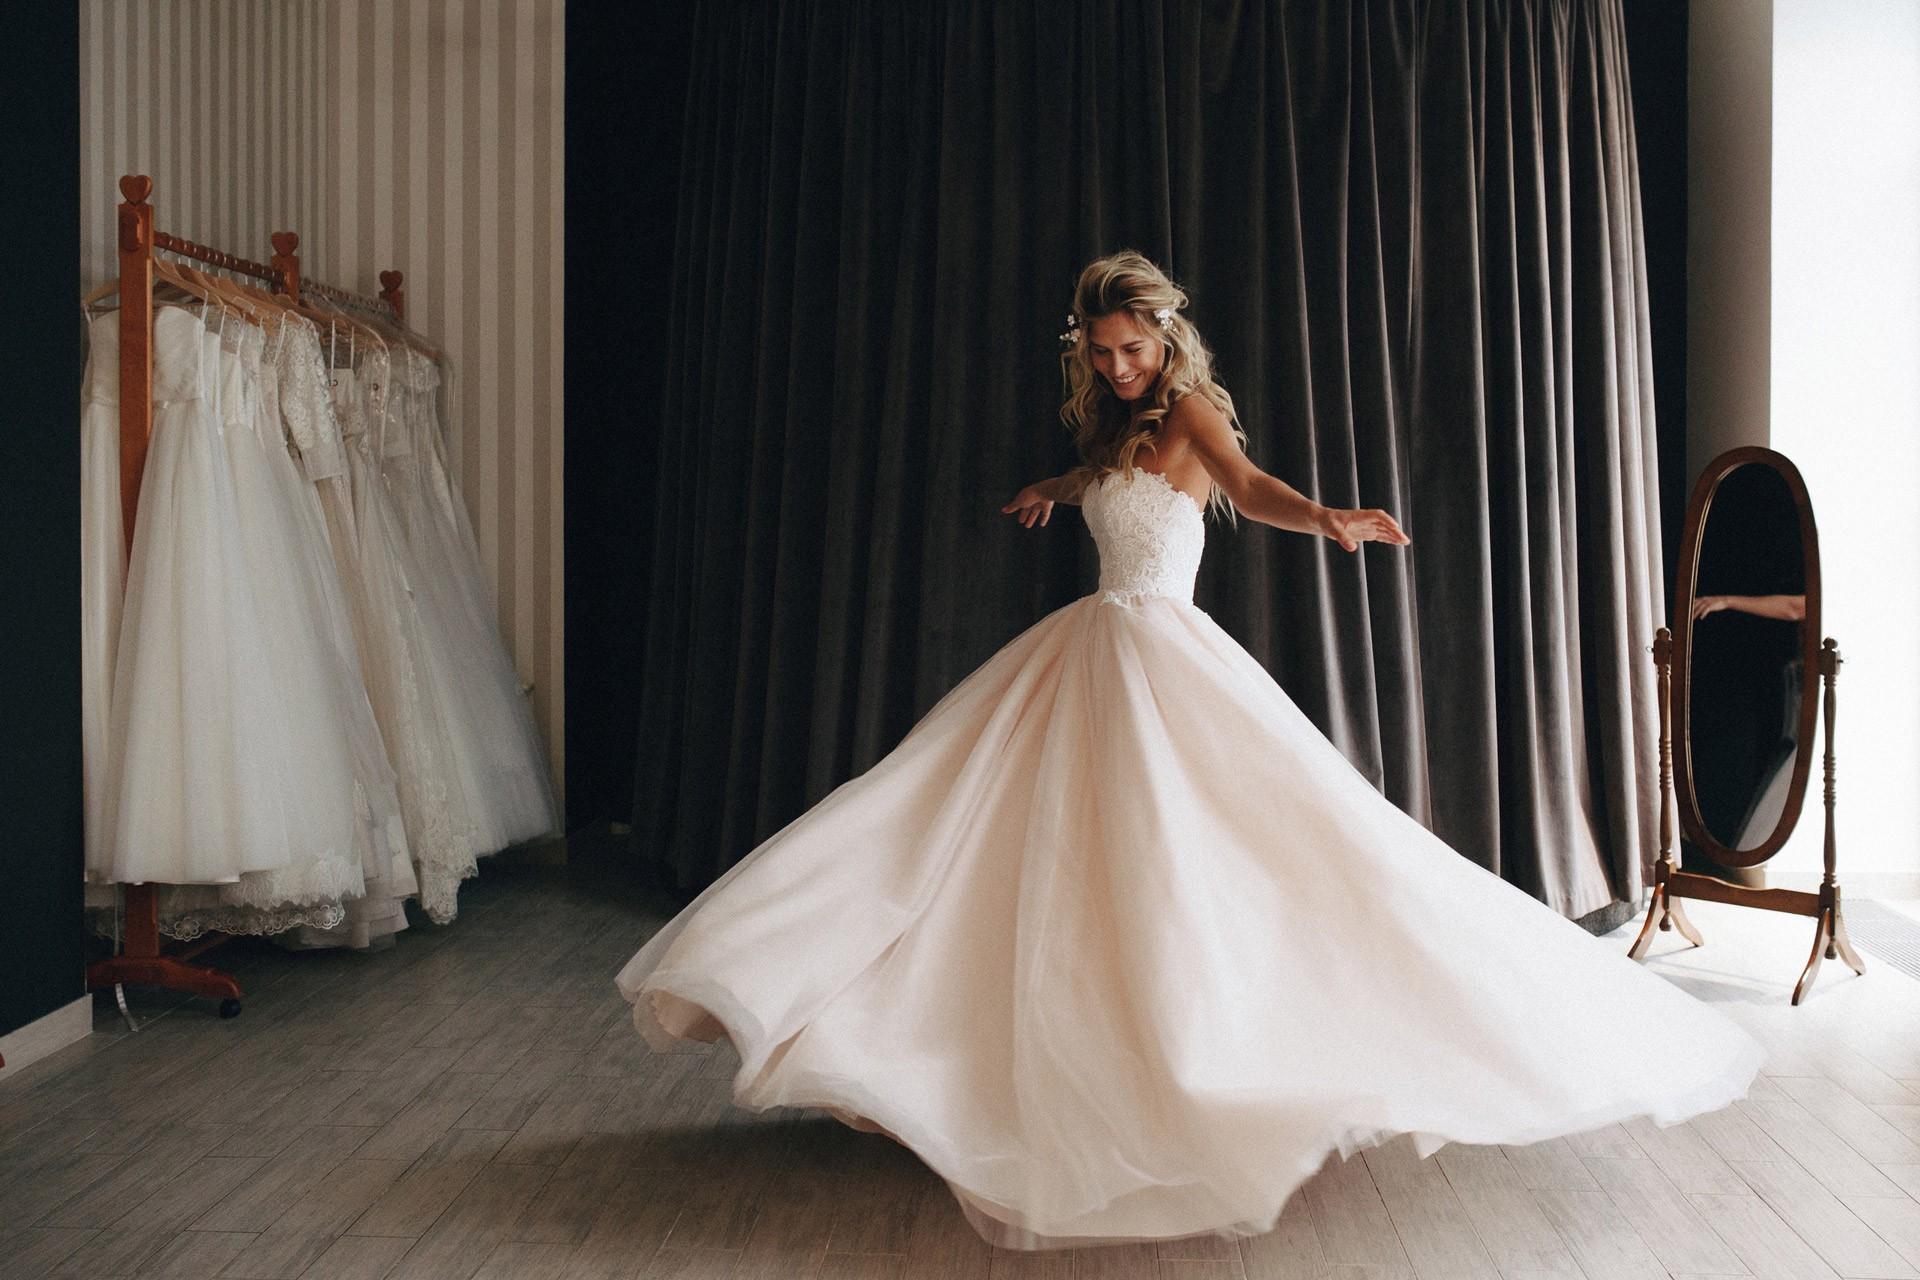 К чему видеть себя в свадебном платье на фотографии.